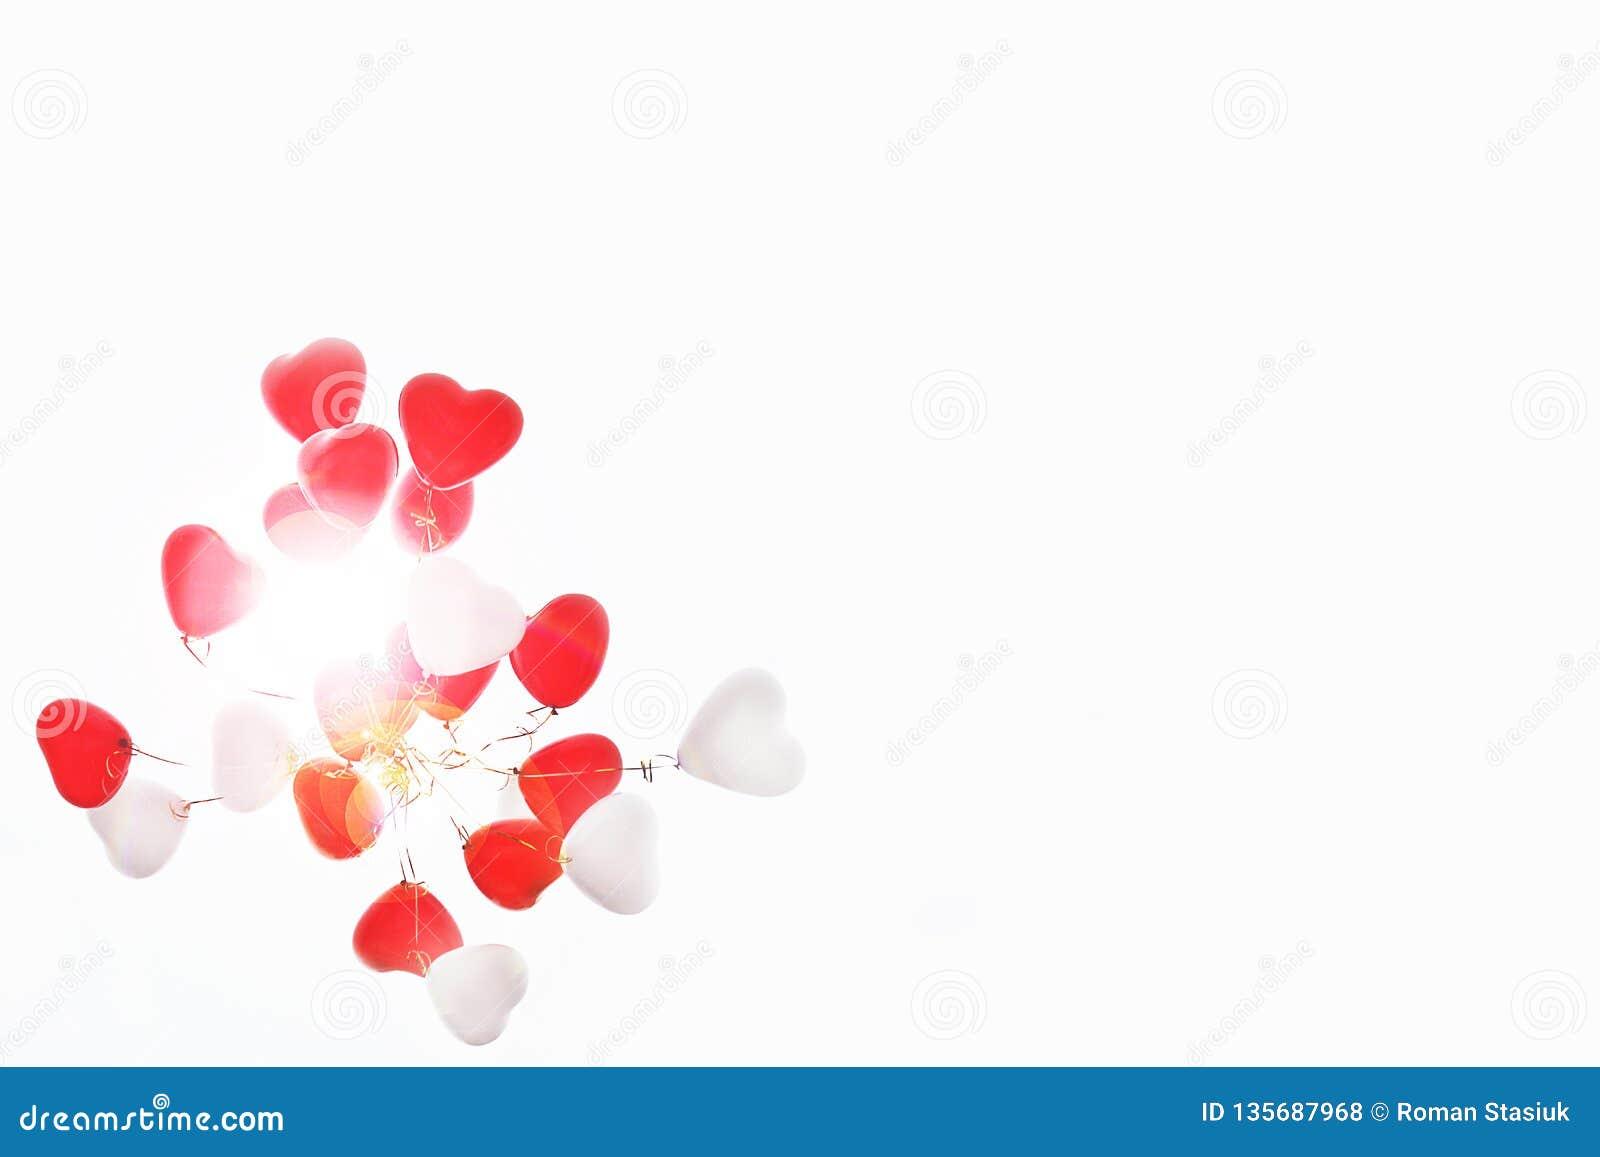 Ballons in de vorm van hart in de hemel